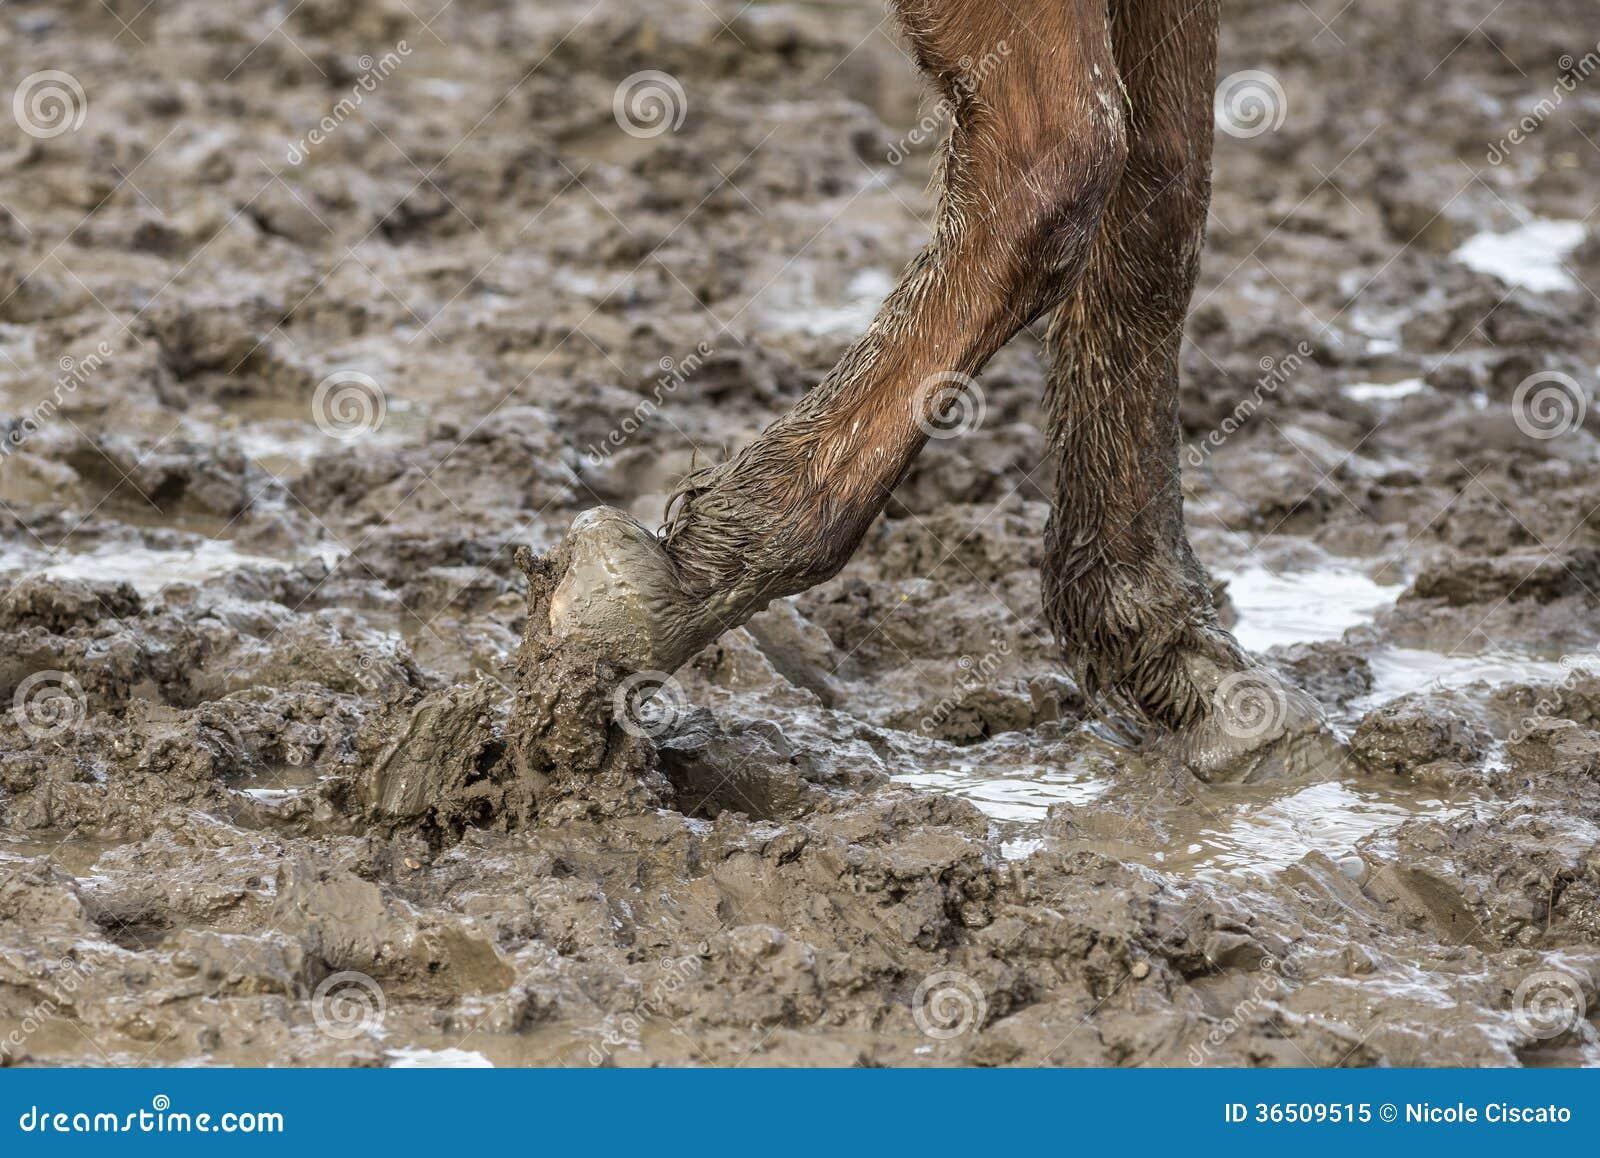 Cheval aux pieds nus dans la boue